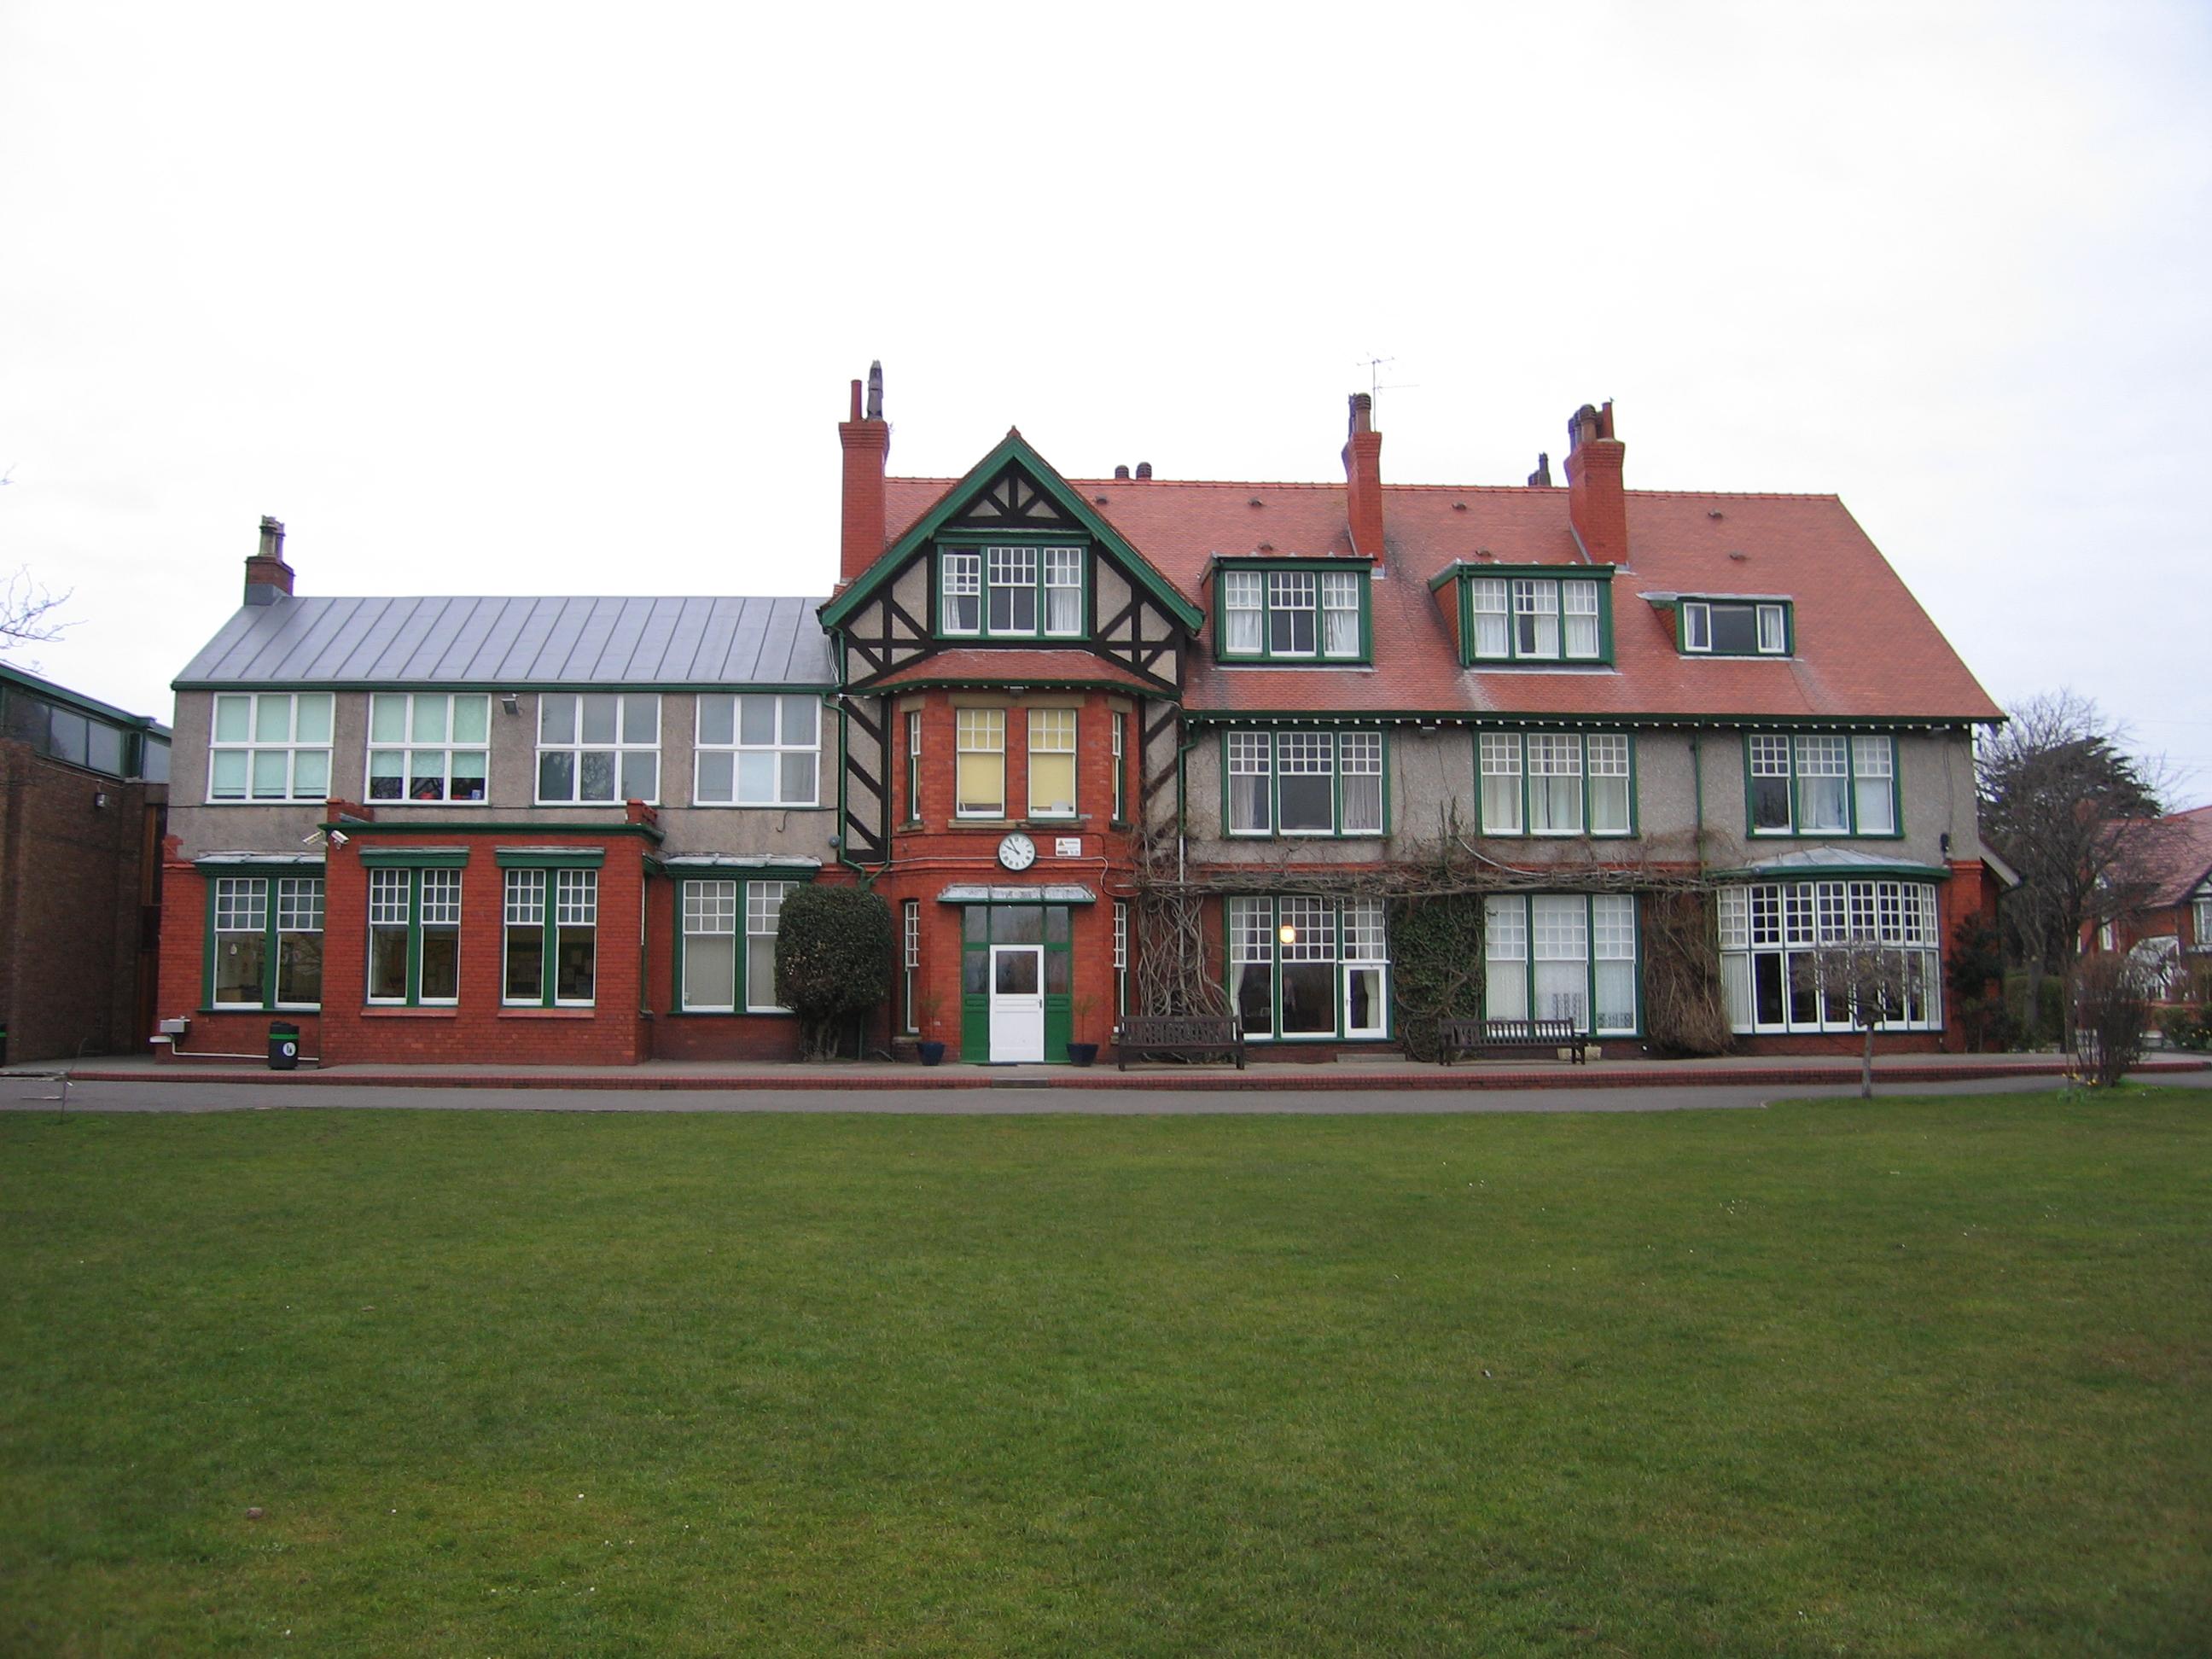 Description watts house building of kingsmead school